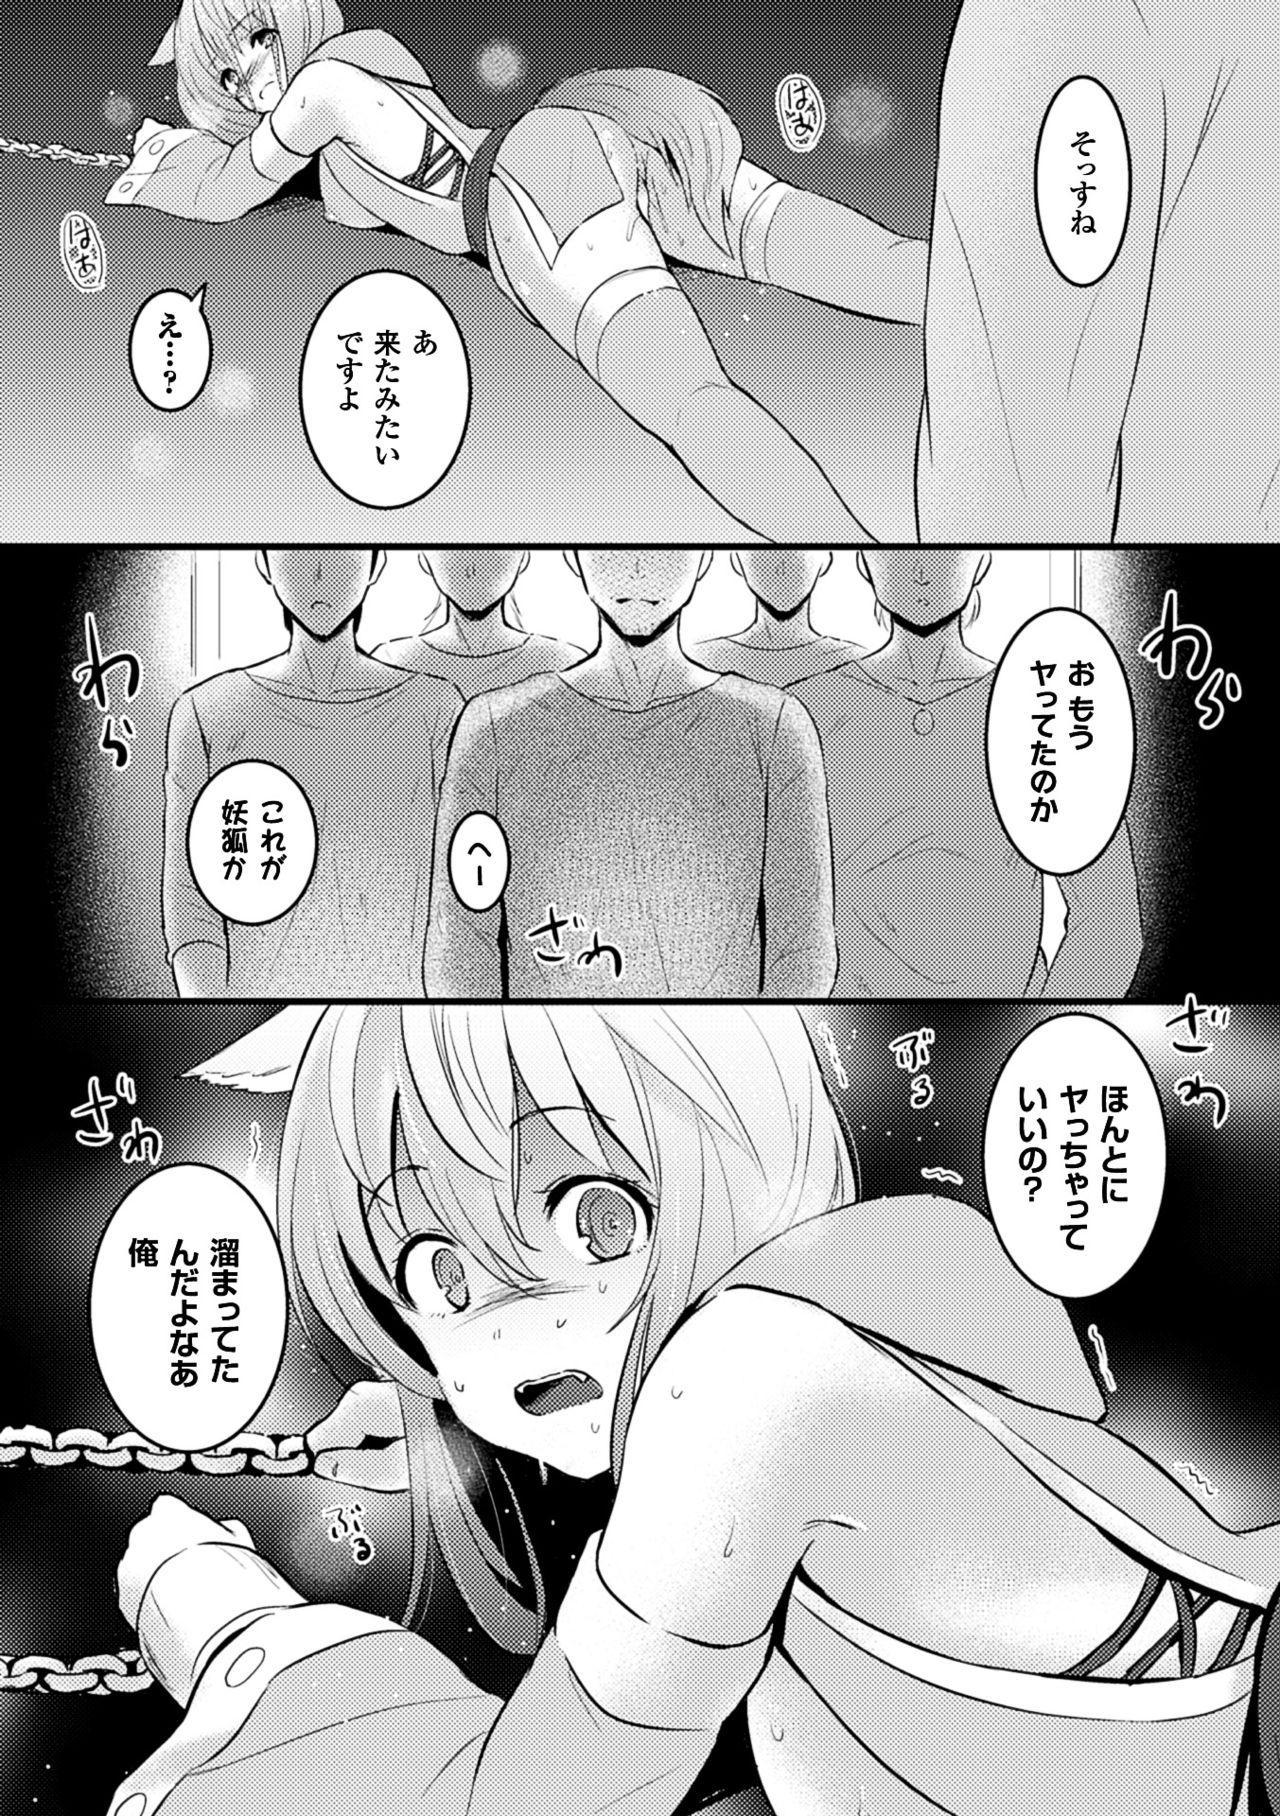 2D Comic Magazine Jingai Musume Haramase Kedakaki Mesu-tachi wa Ningen Kodane ni Kuppuku Suru Vol. 2 79